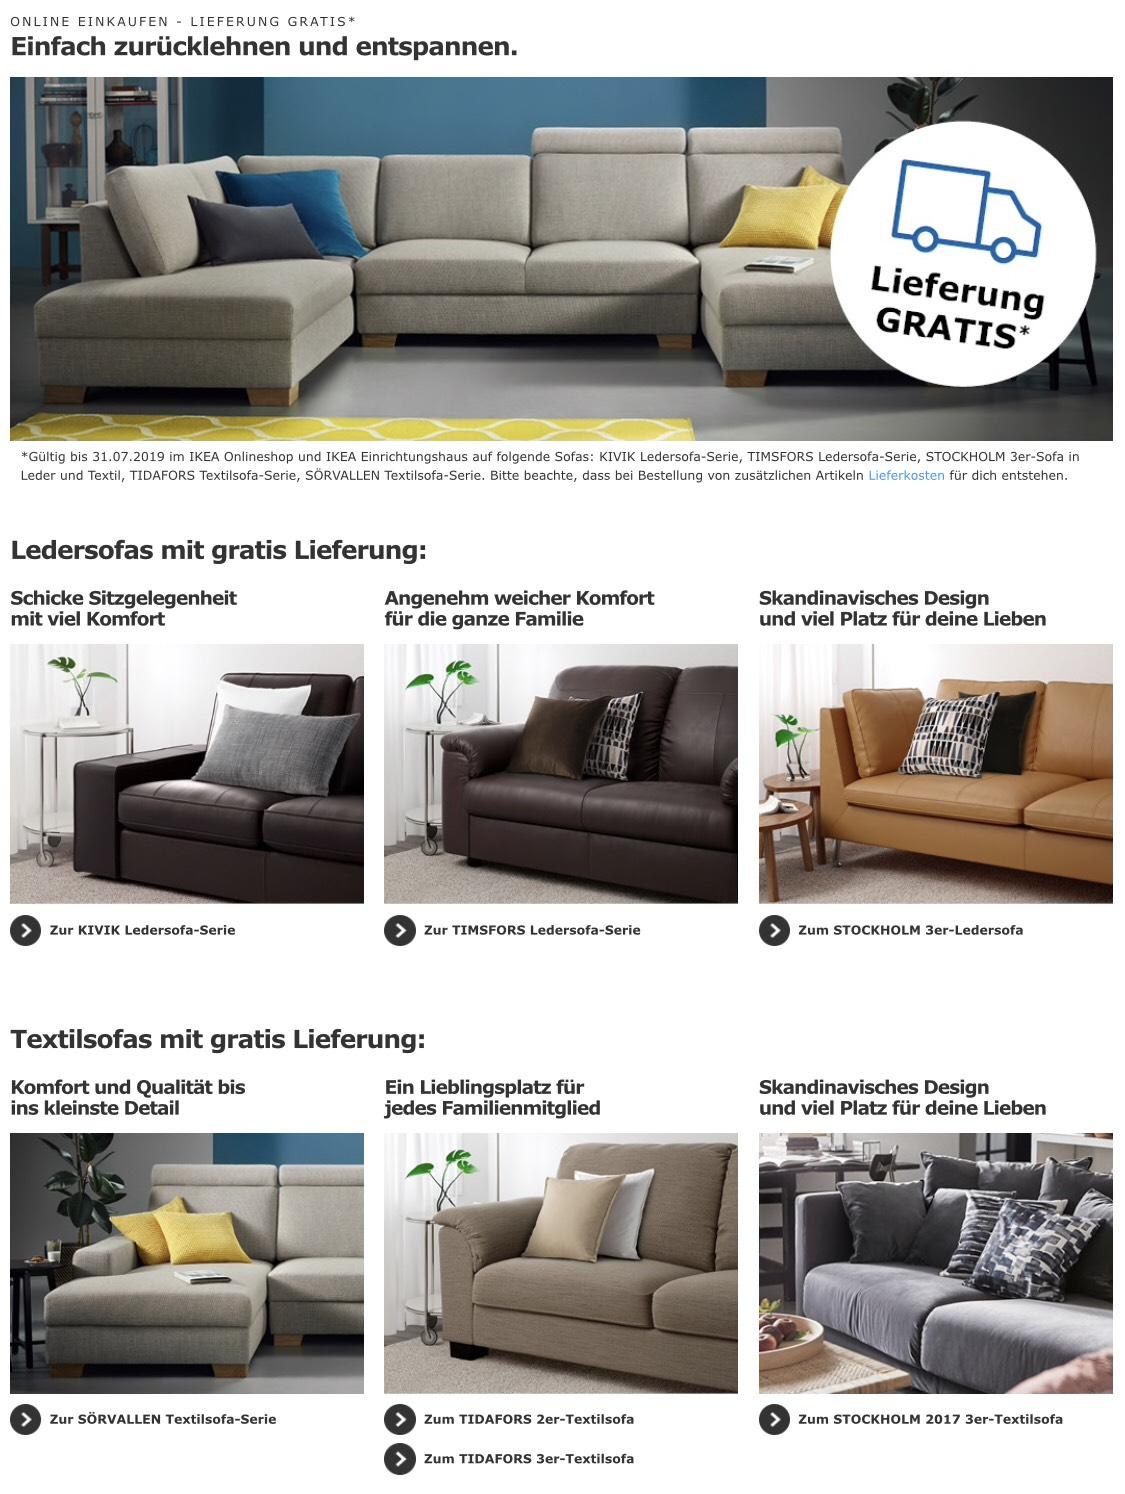 ikea kostenfreie sofa lieferung bei einigen modellen. Black Bedroom Furniture Sets. Home Design Ideas